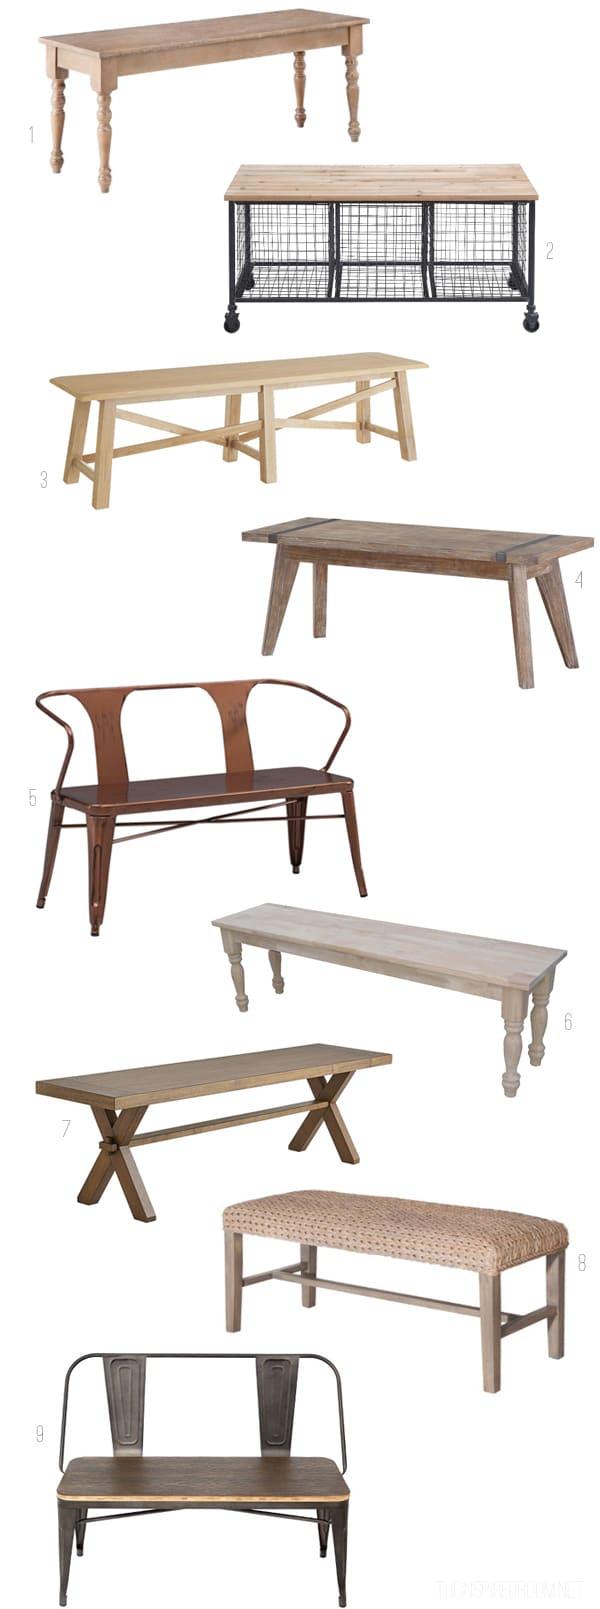 Gather: Bench Seating